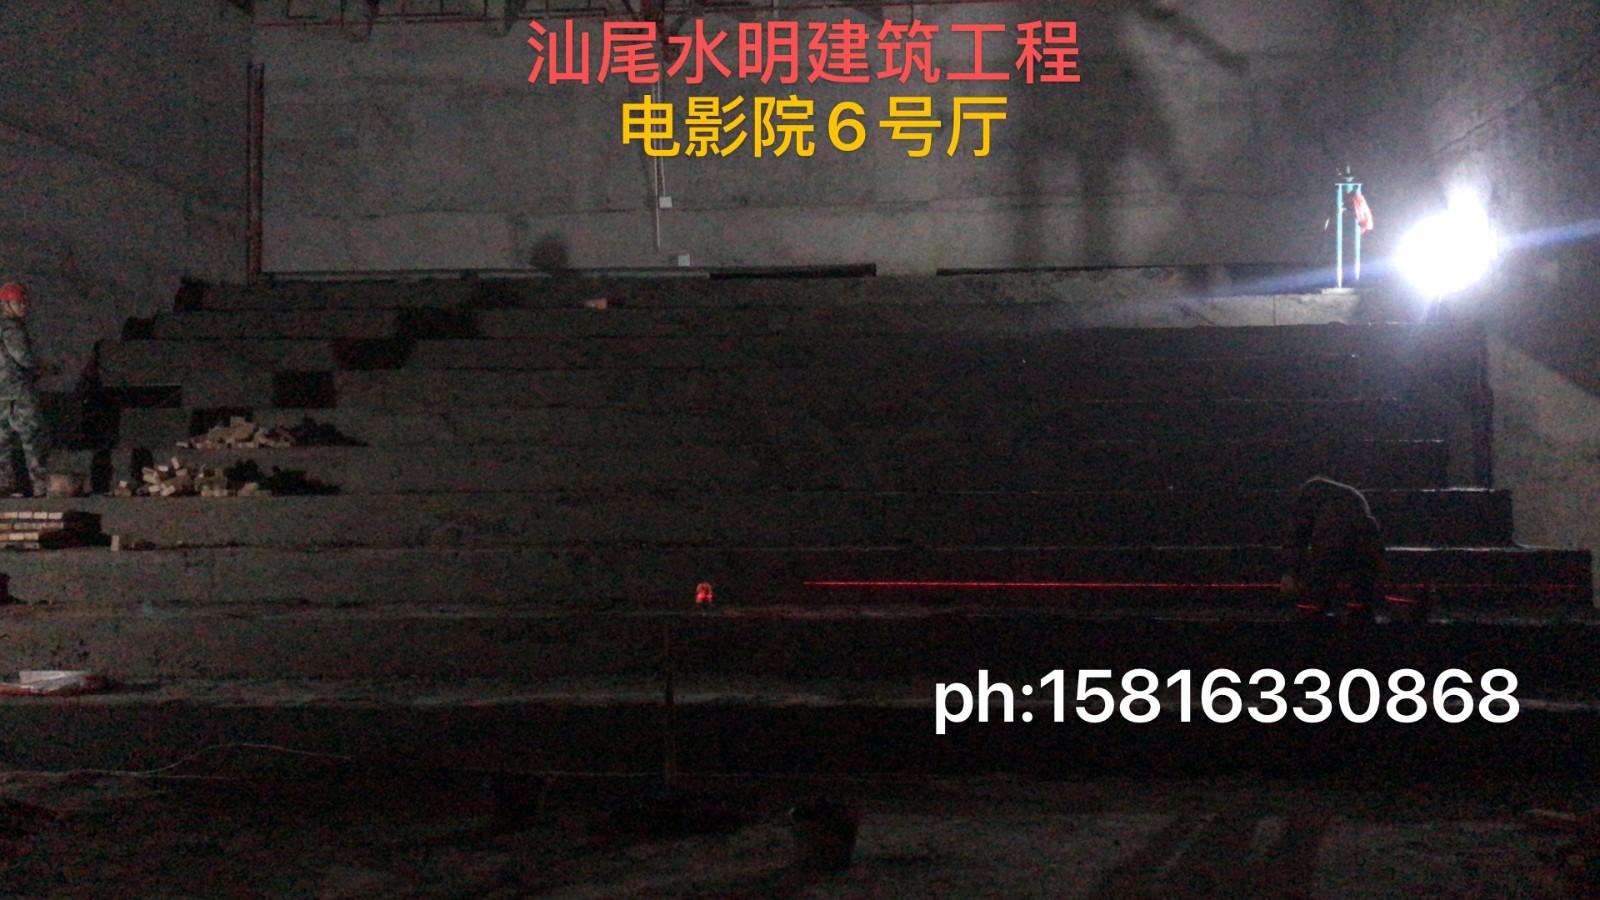 微信圖片_20200330120348